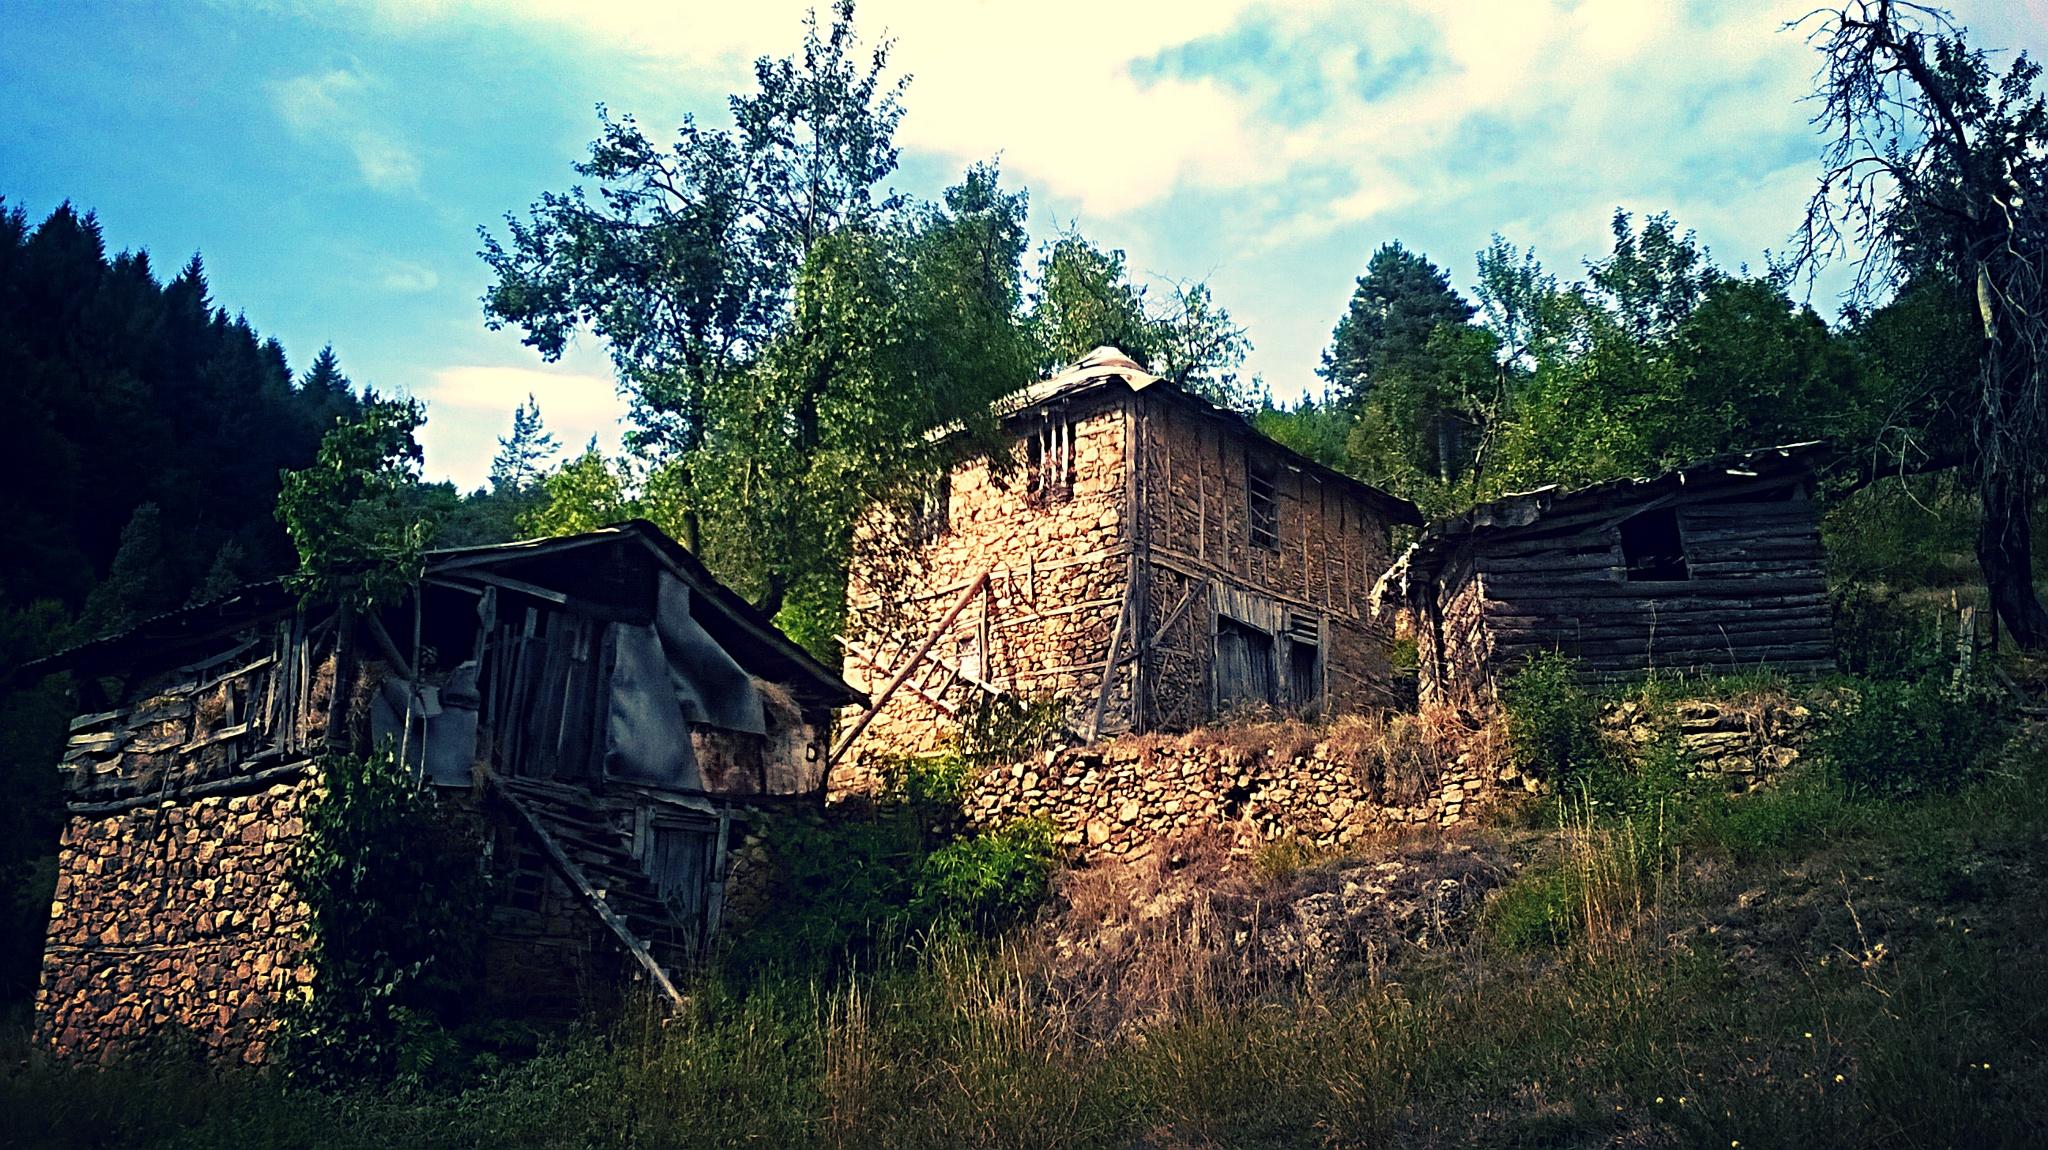 rural landscape by Krasi Asenov